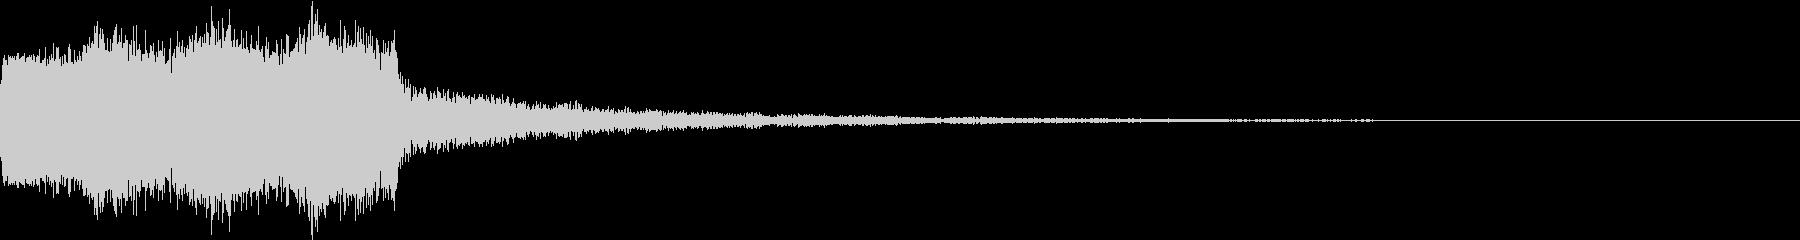 シンプル アナログ ファンファーレ 08の未再生の波形